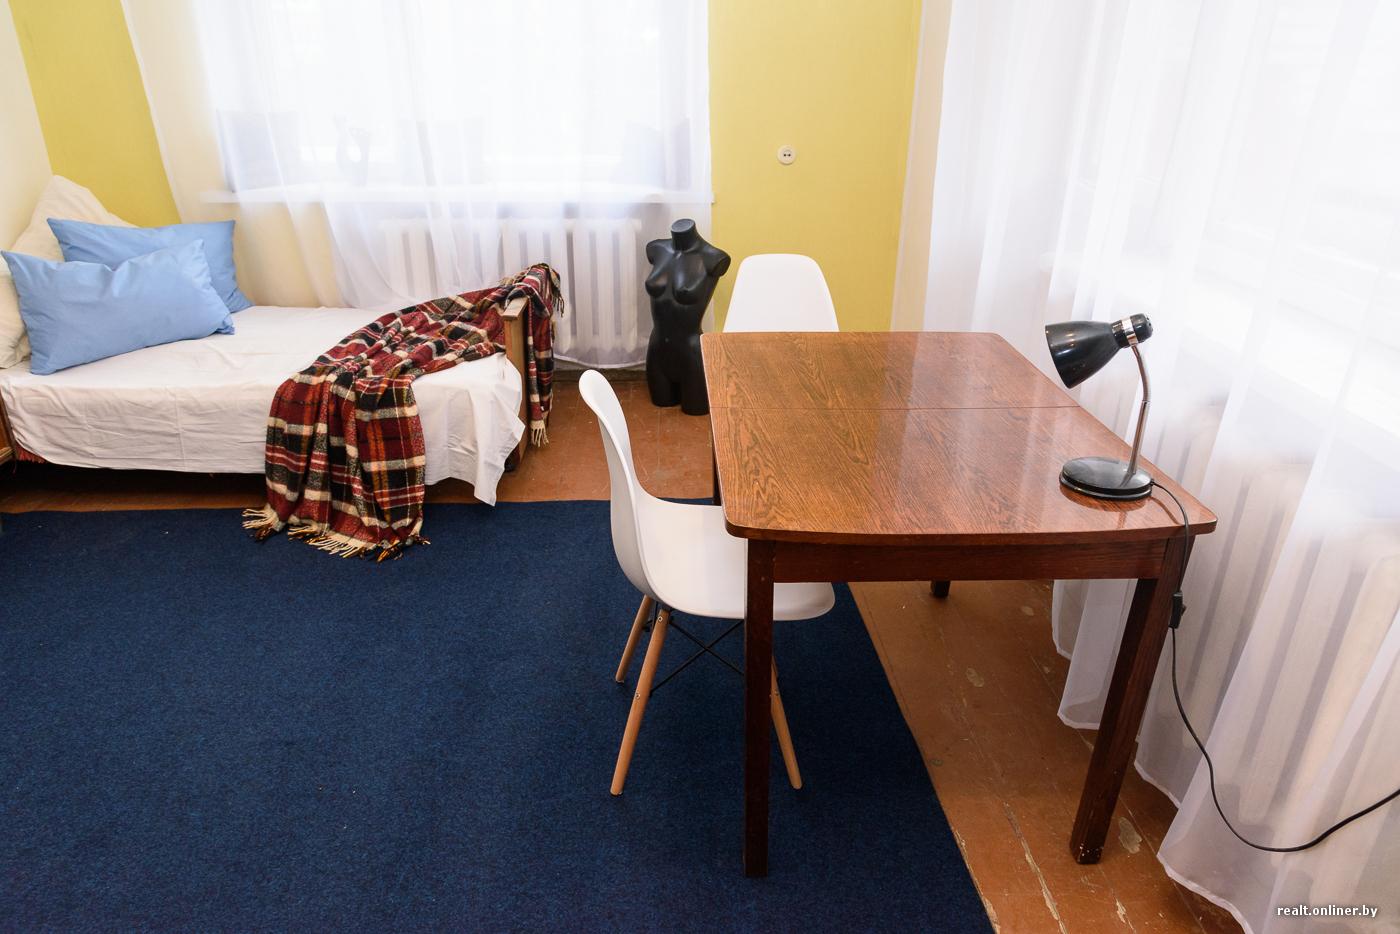 Студентки остались одни в комнате